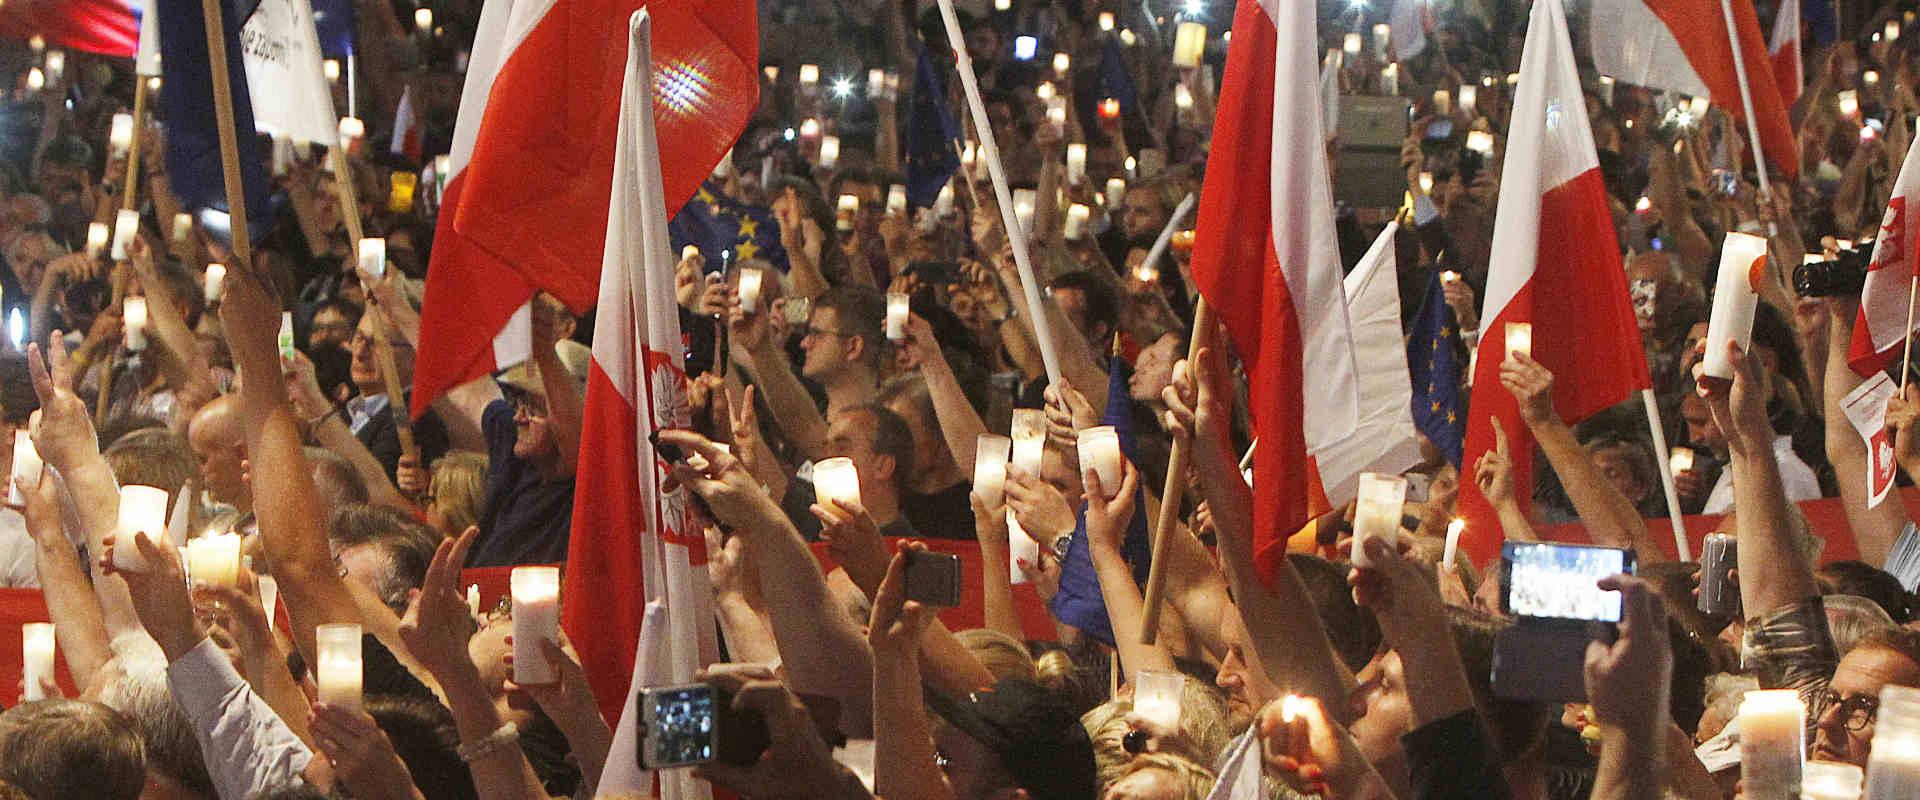 מפגינים בפולין נגד החוק, שלשום